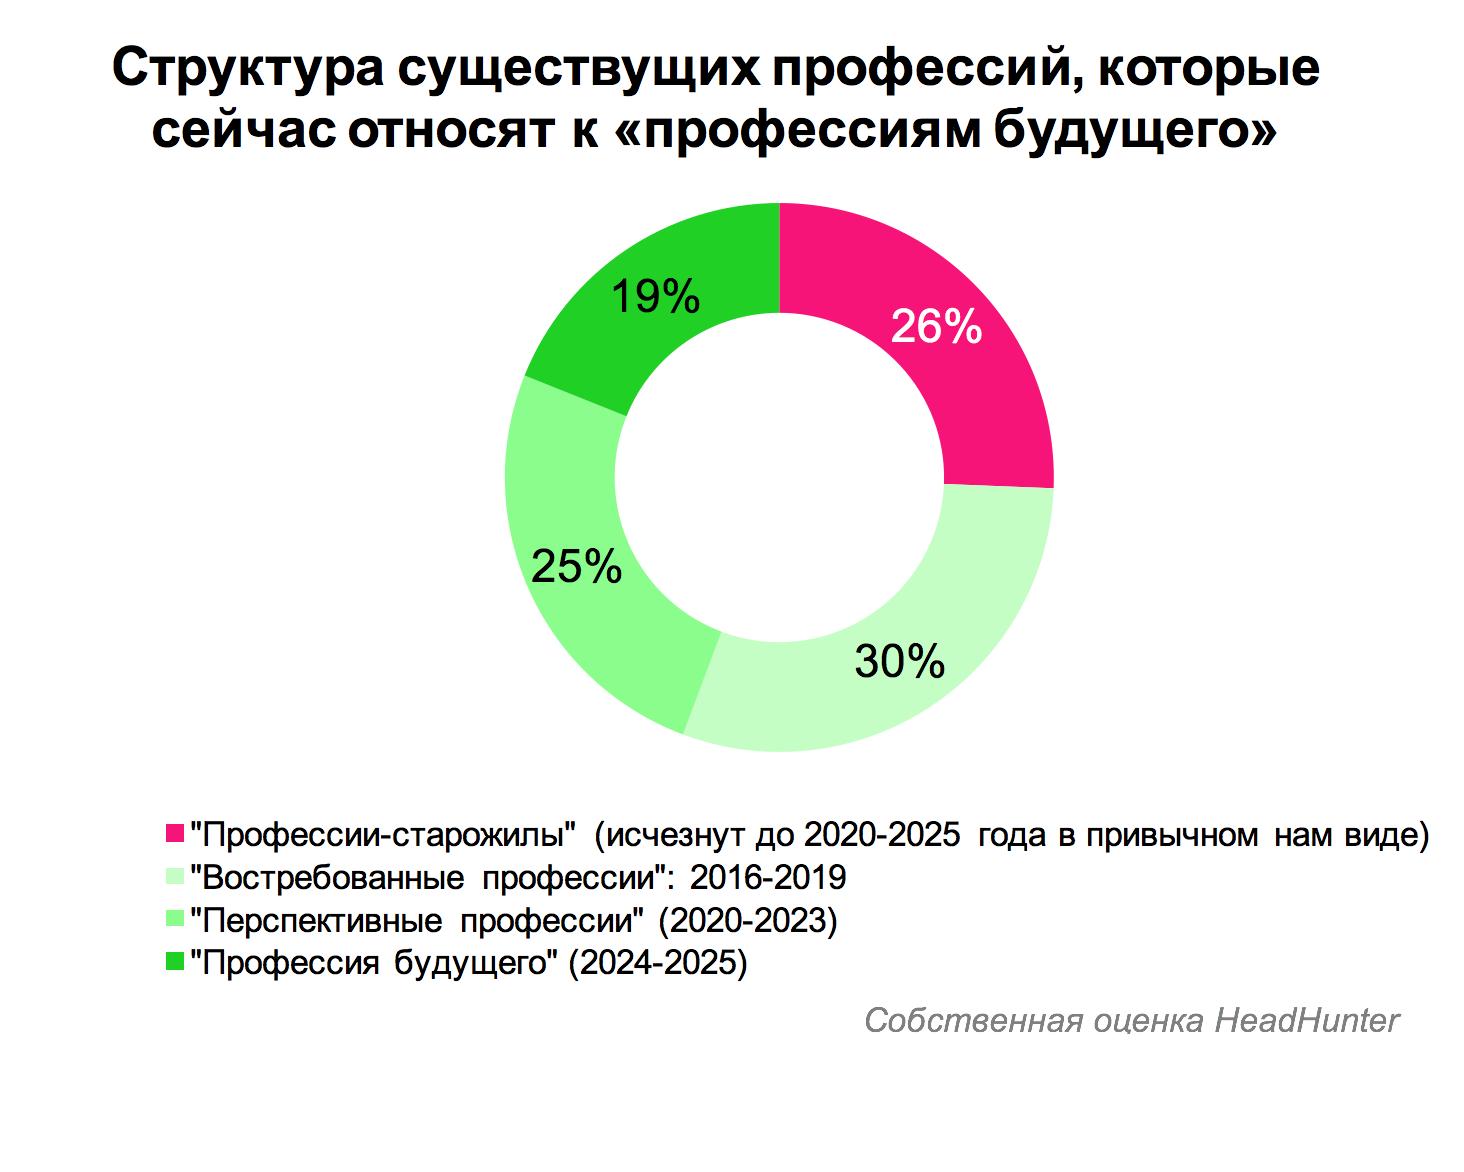 Какие профессии ждут российский рынок труда  в ближайшие 10 лет?